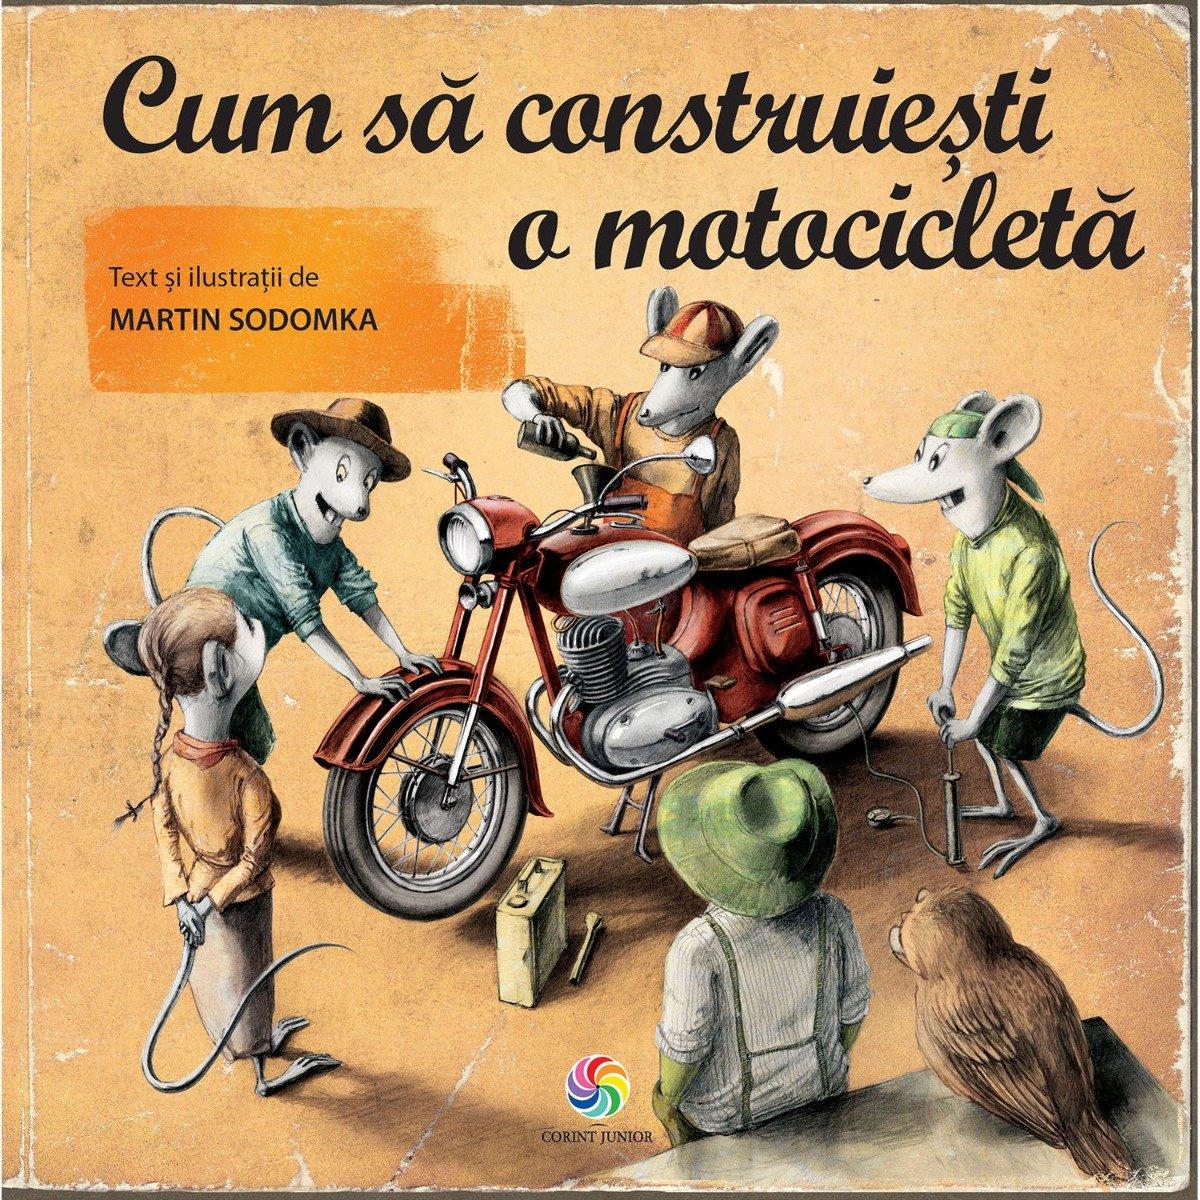 Carte Editura Corint, Cum sa construiesti o motocicleta , Martin Sodomka